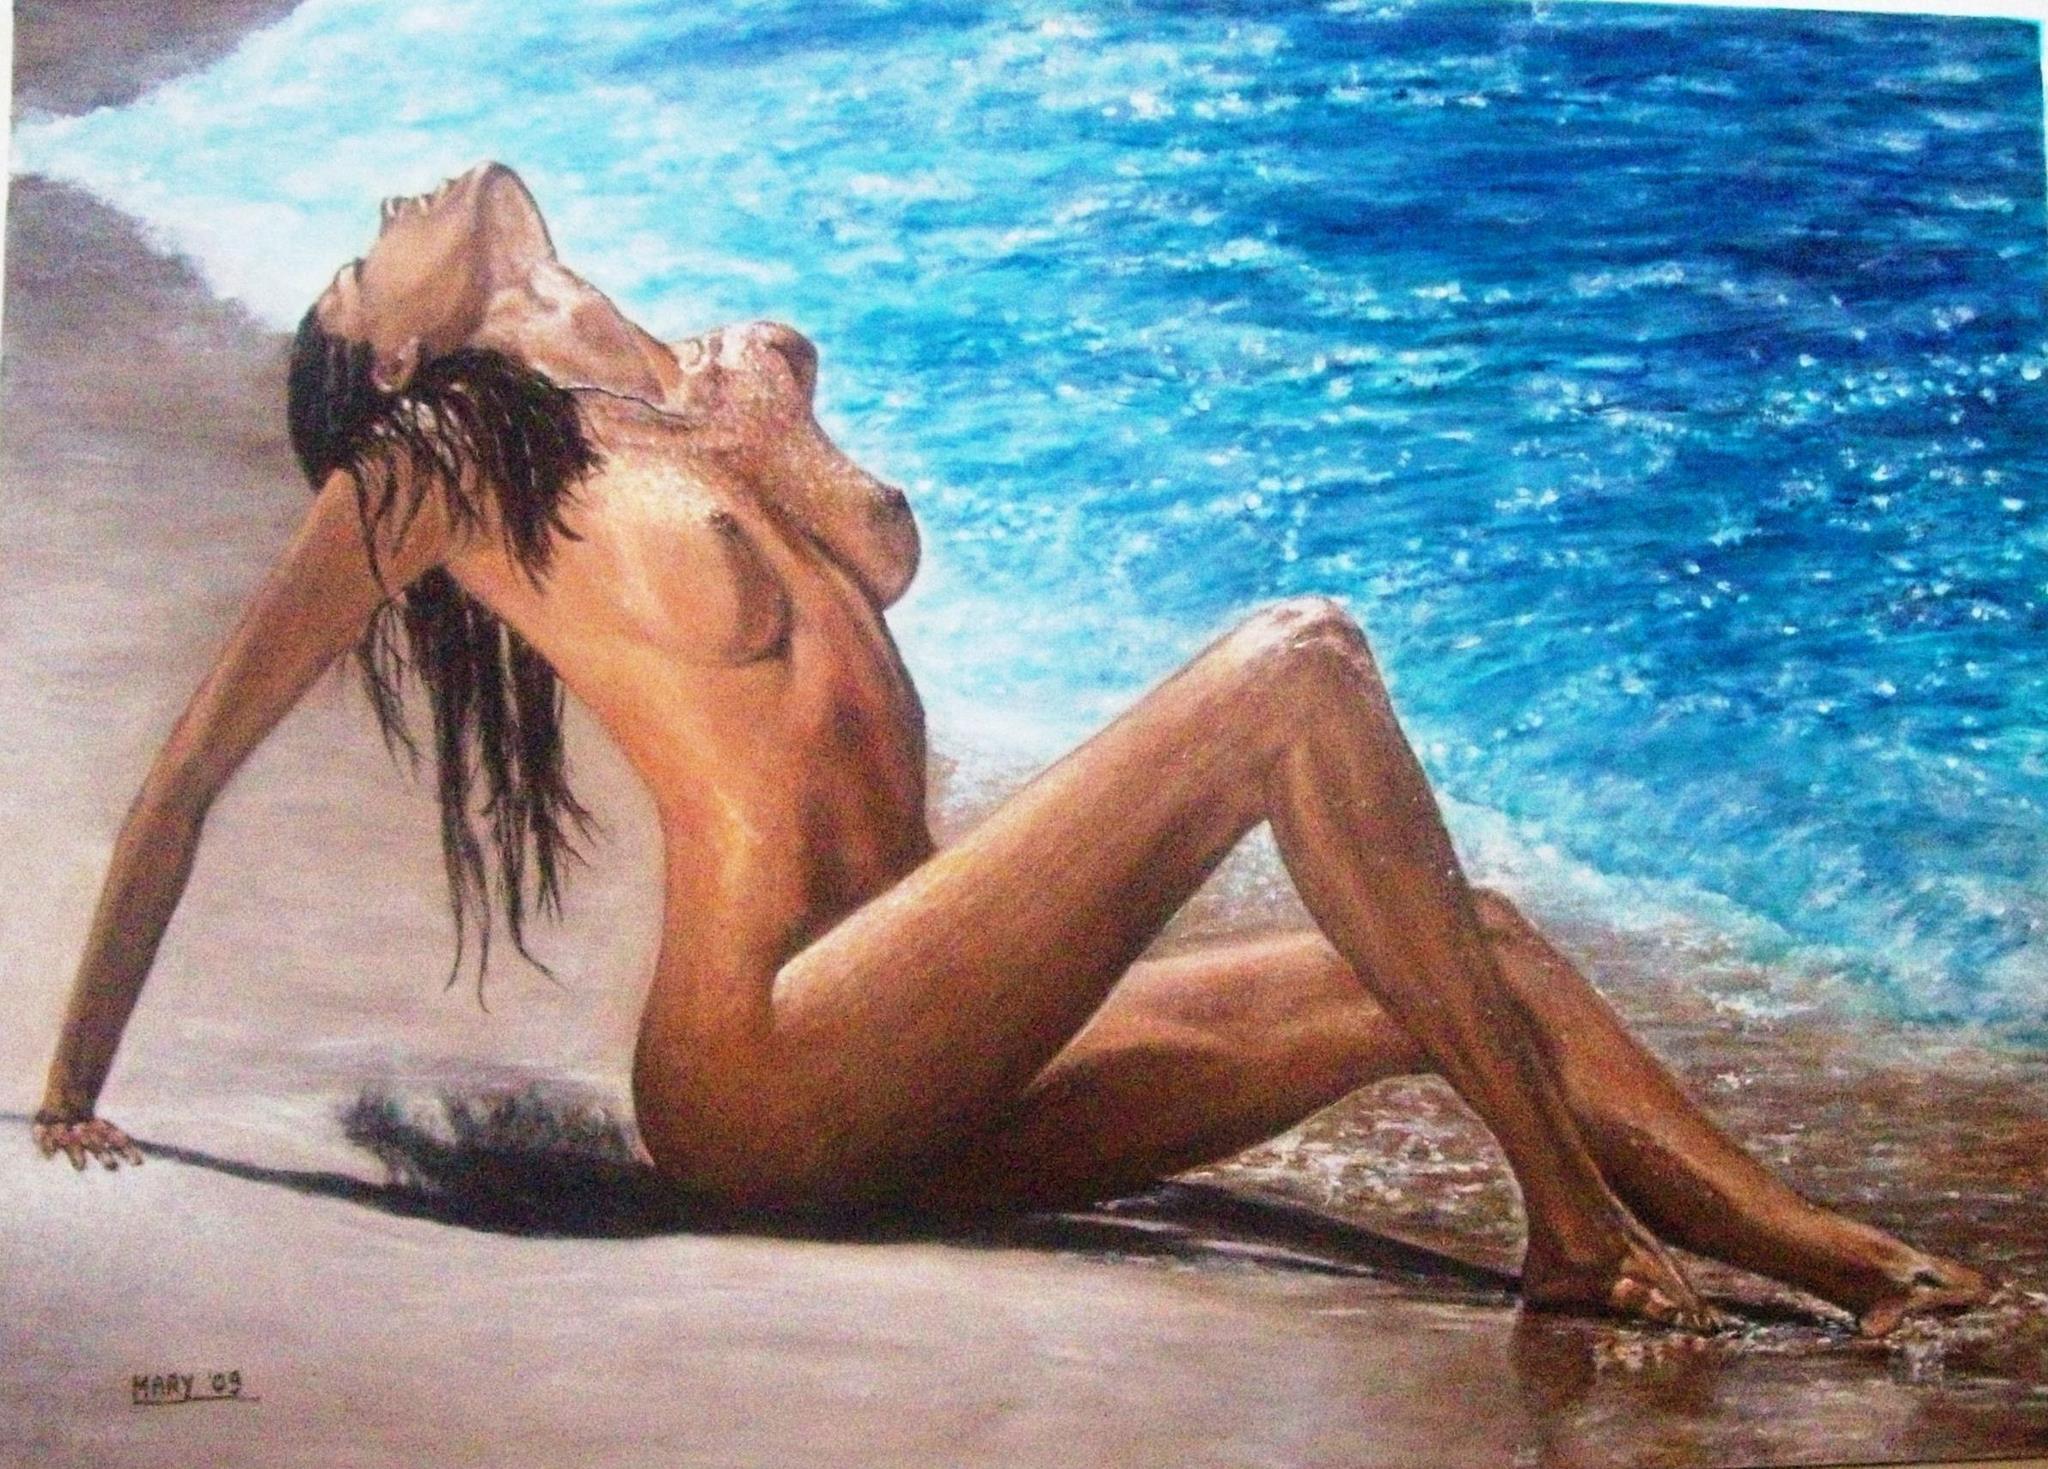 Marinella Careddu Pittrice nudo di donna in riva al mare - acrilico ...